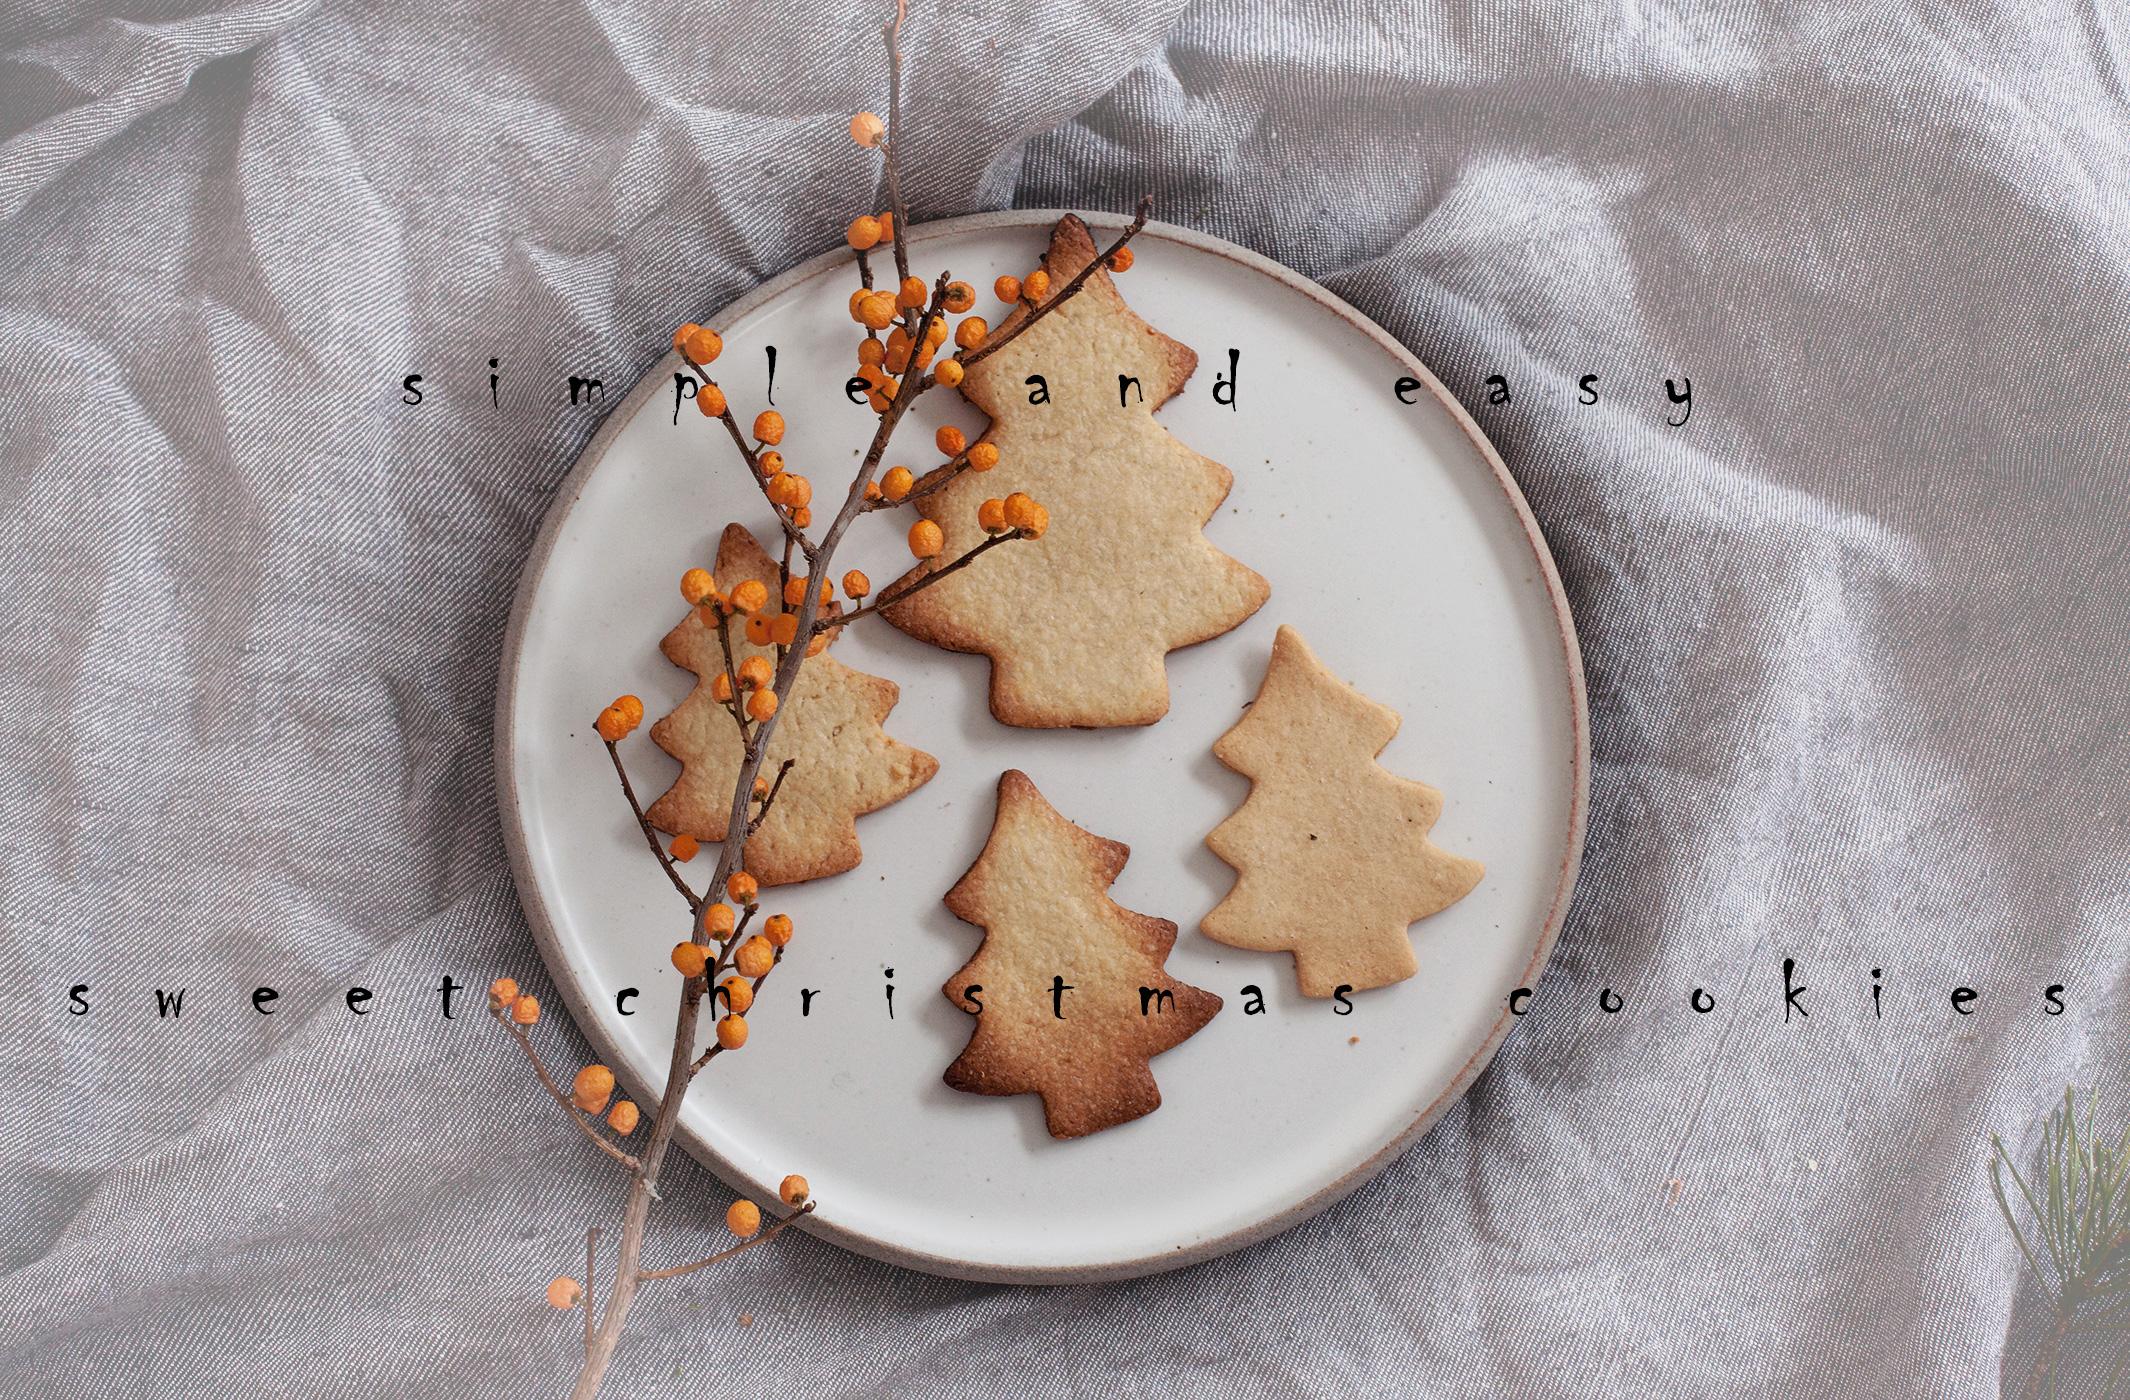 Kreative-Weihnachtsplätzchen-und-Kuchen-für-die-AdventszeitIMG_8297